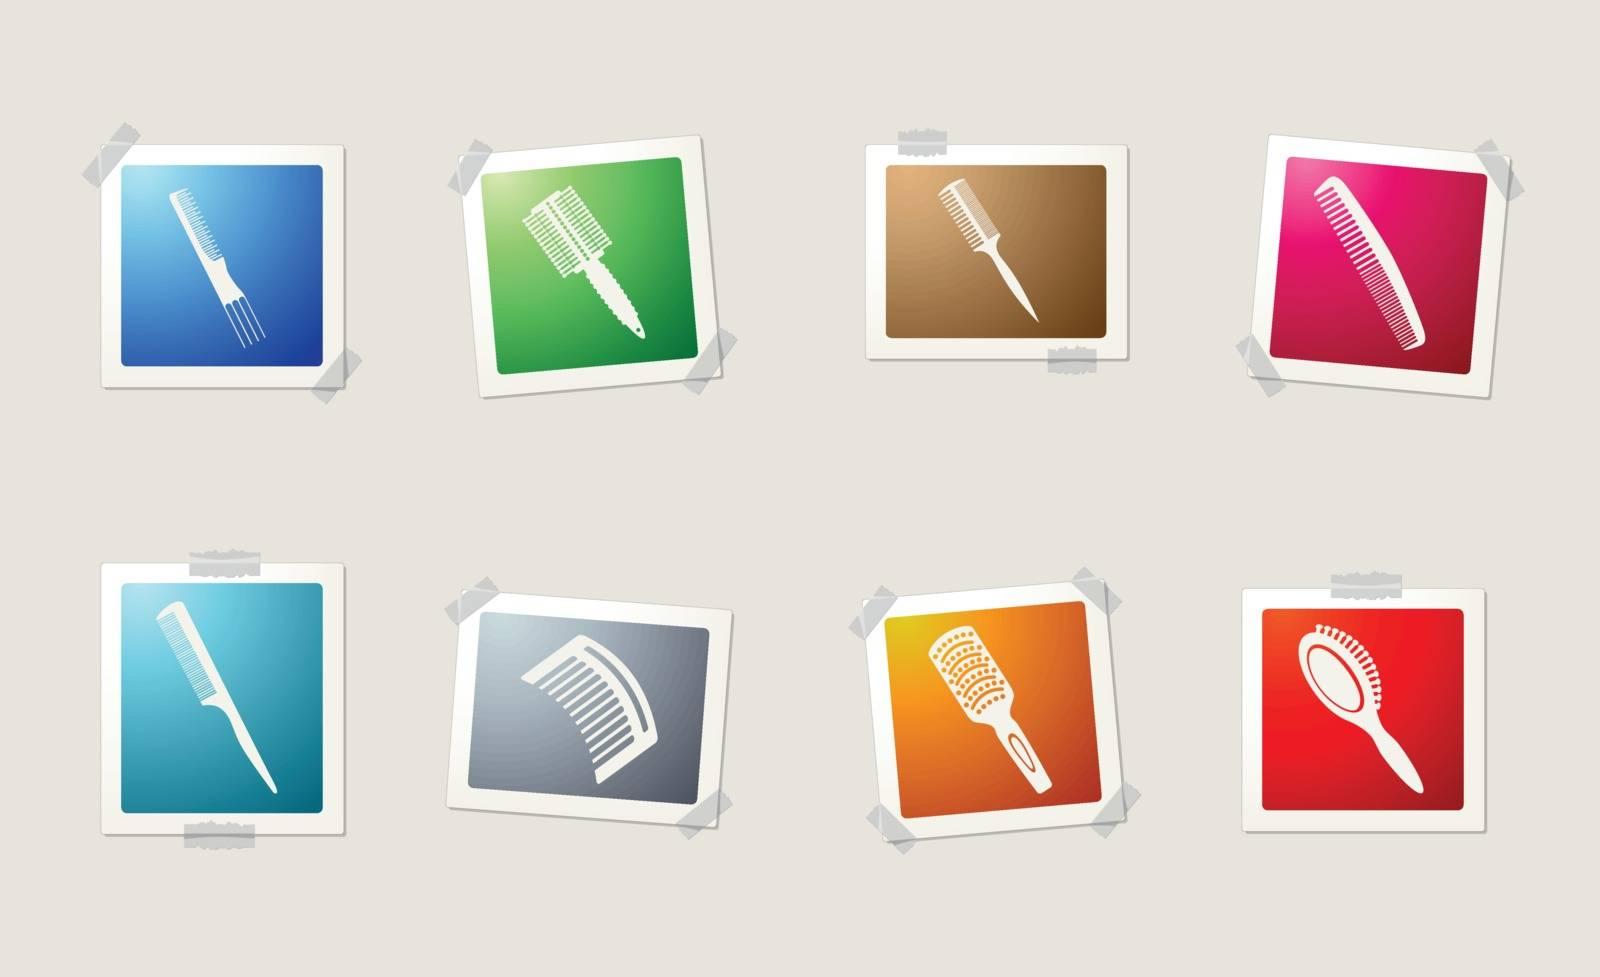 Hairbrushes icon set by ayax